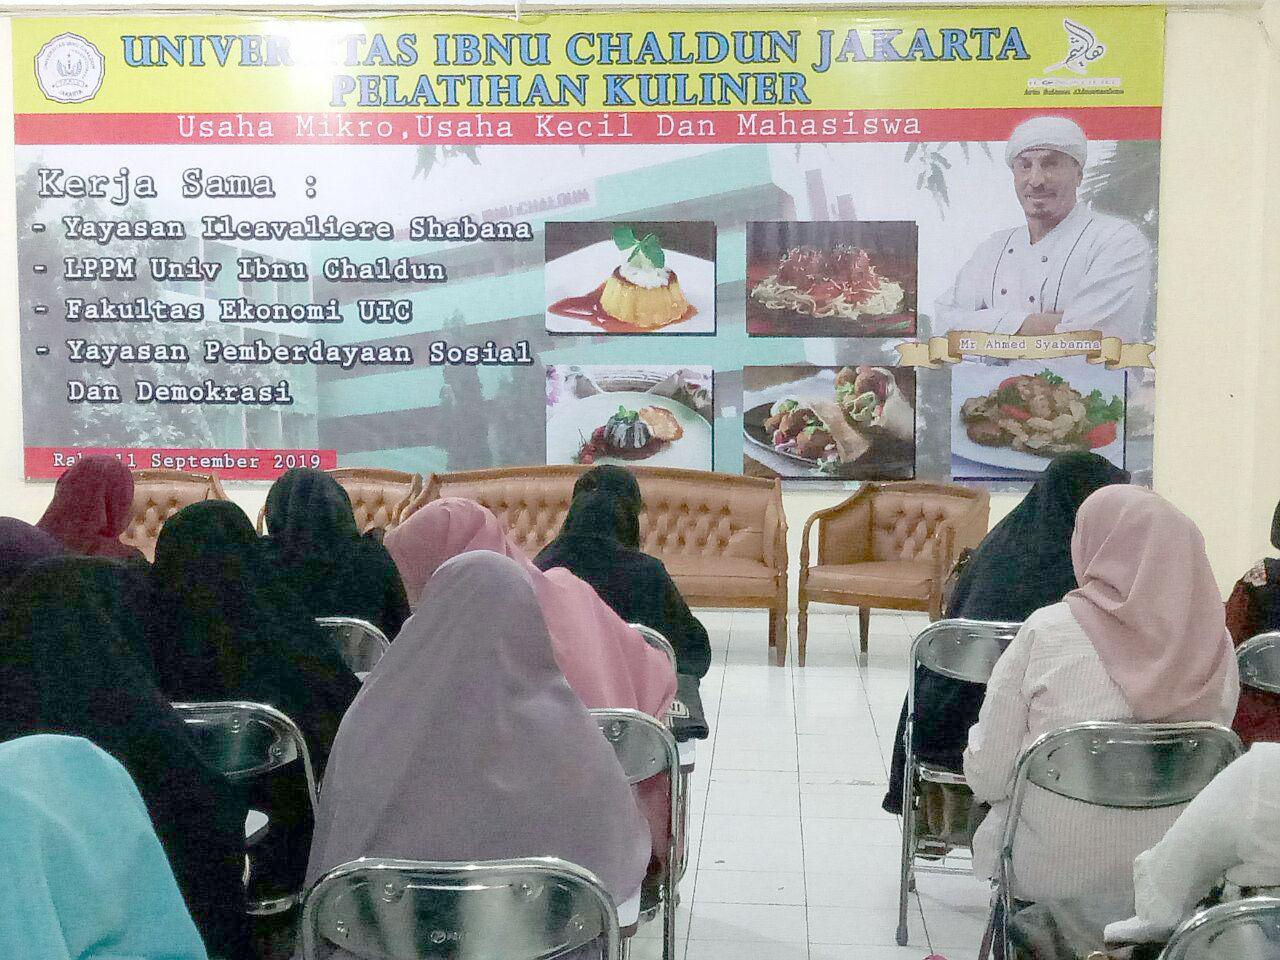 Pelatihan Kuliner Gratis Universitas Ibnu Chaldun Wujudkan Tri Darma Perguruan Tinggi